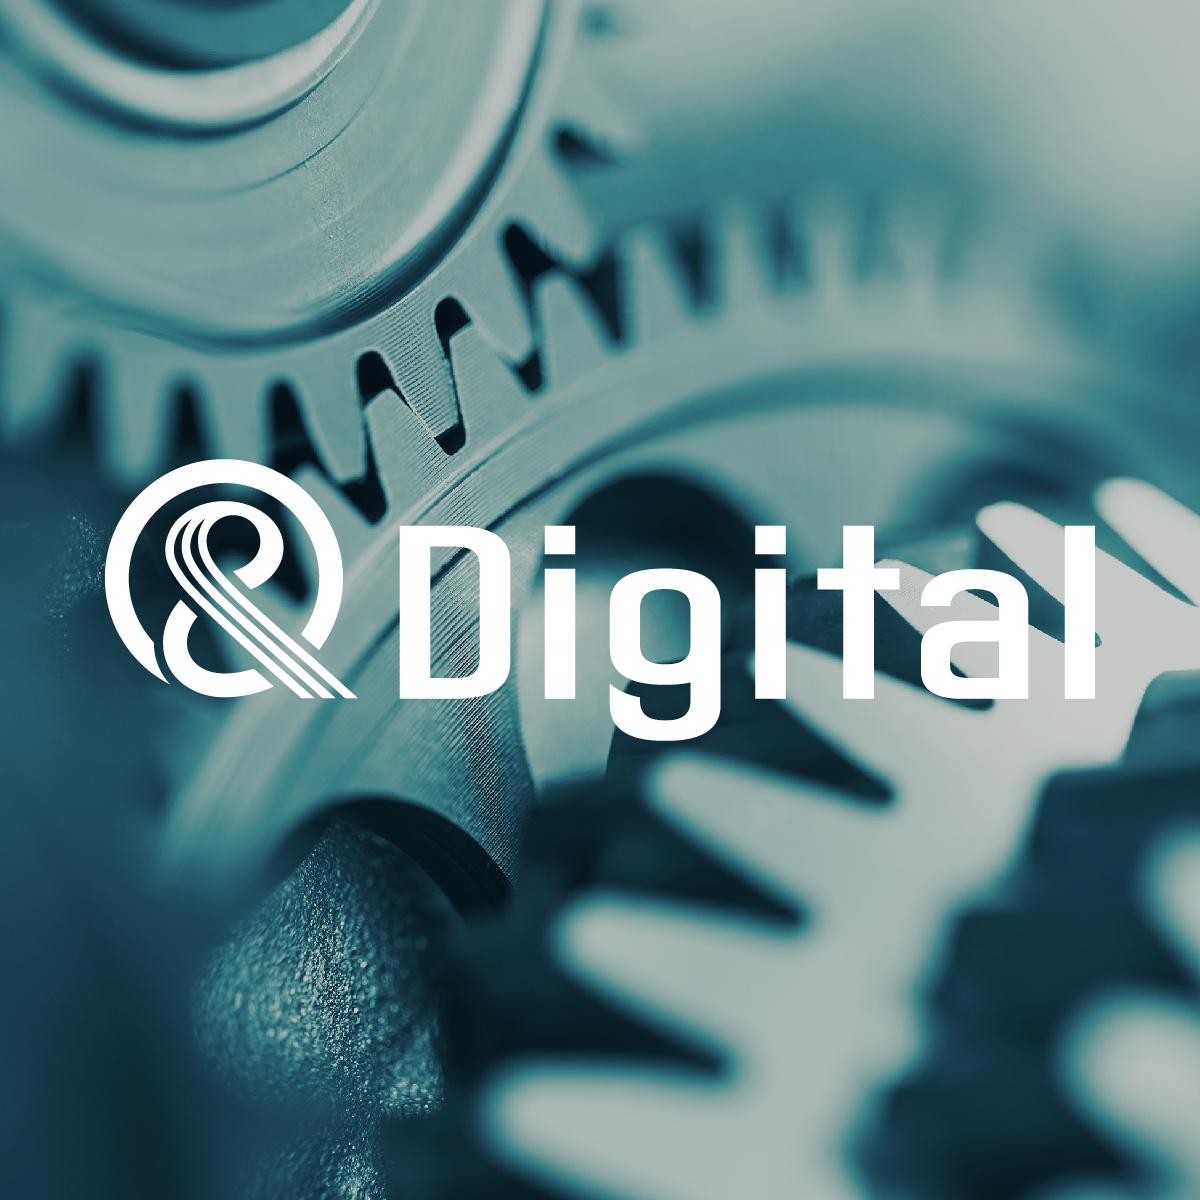 アンドデジタル株式会社 企業ロゴ